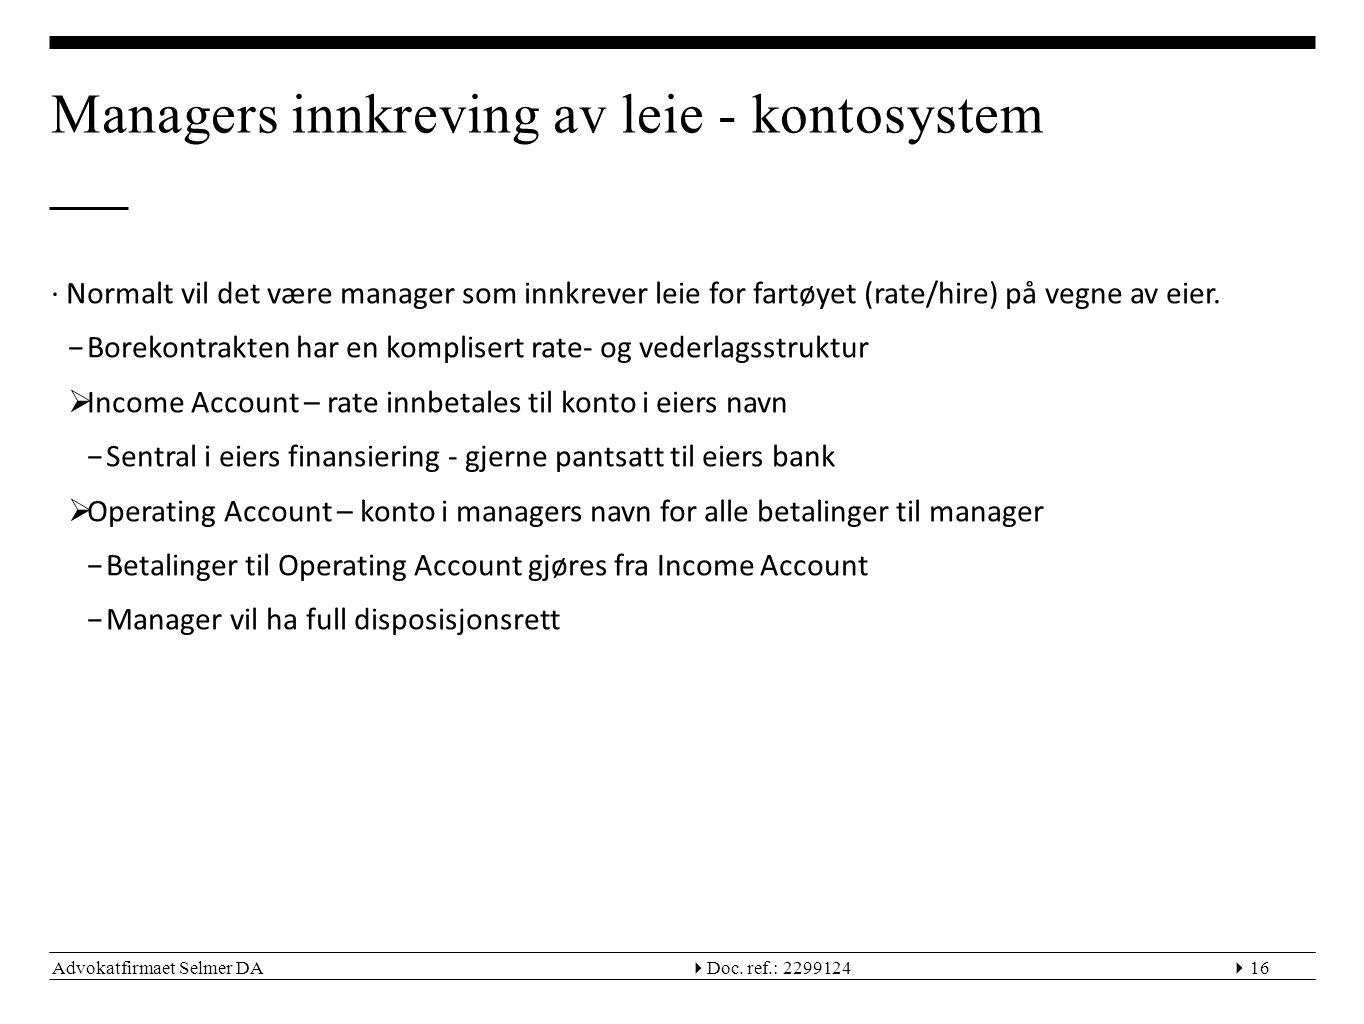 Advokatfirmaet Selmer DA  Doc. ref.: 229912416 Managers innkreving av leie - kontosystem ∙Normalt vil det være manager som innkrever leie for fartøy